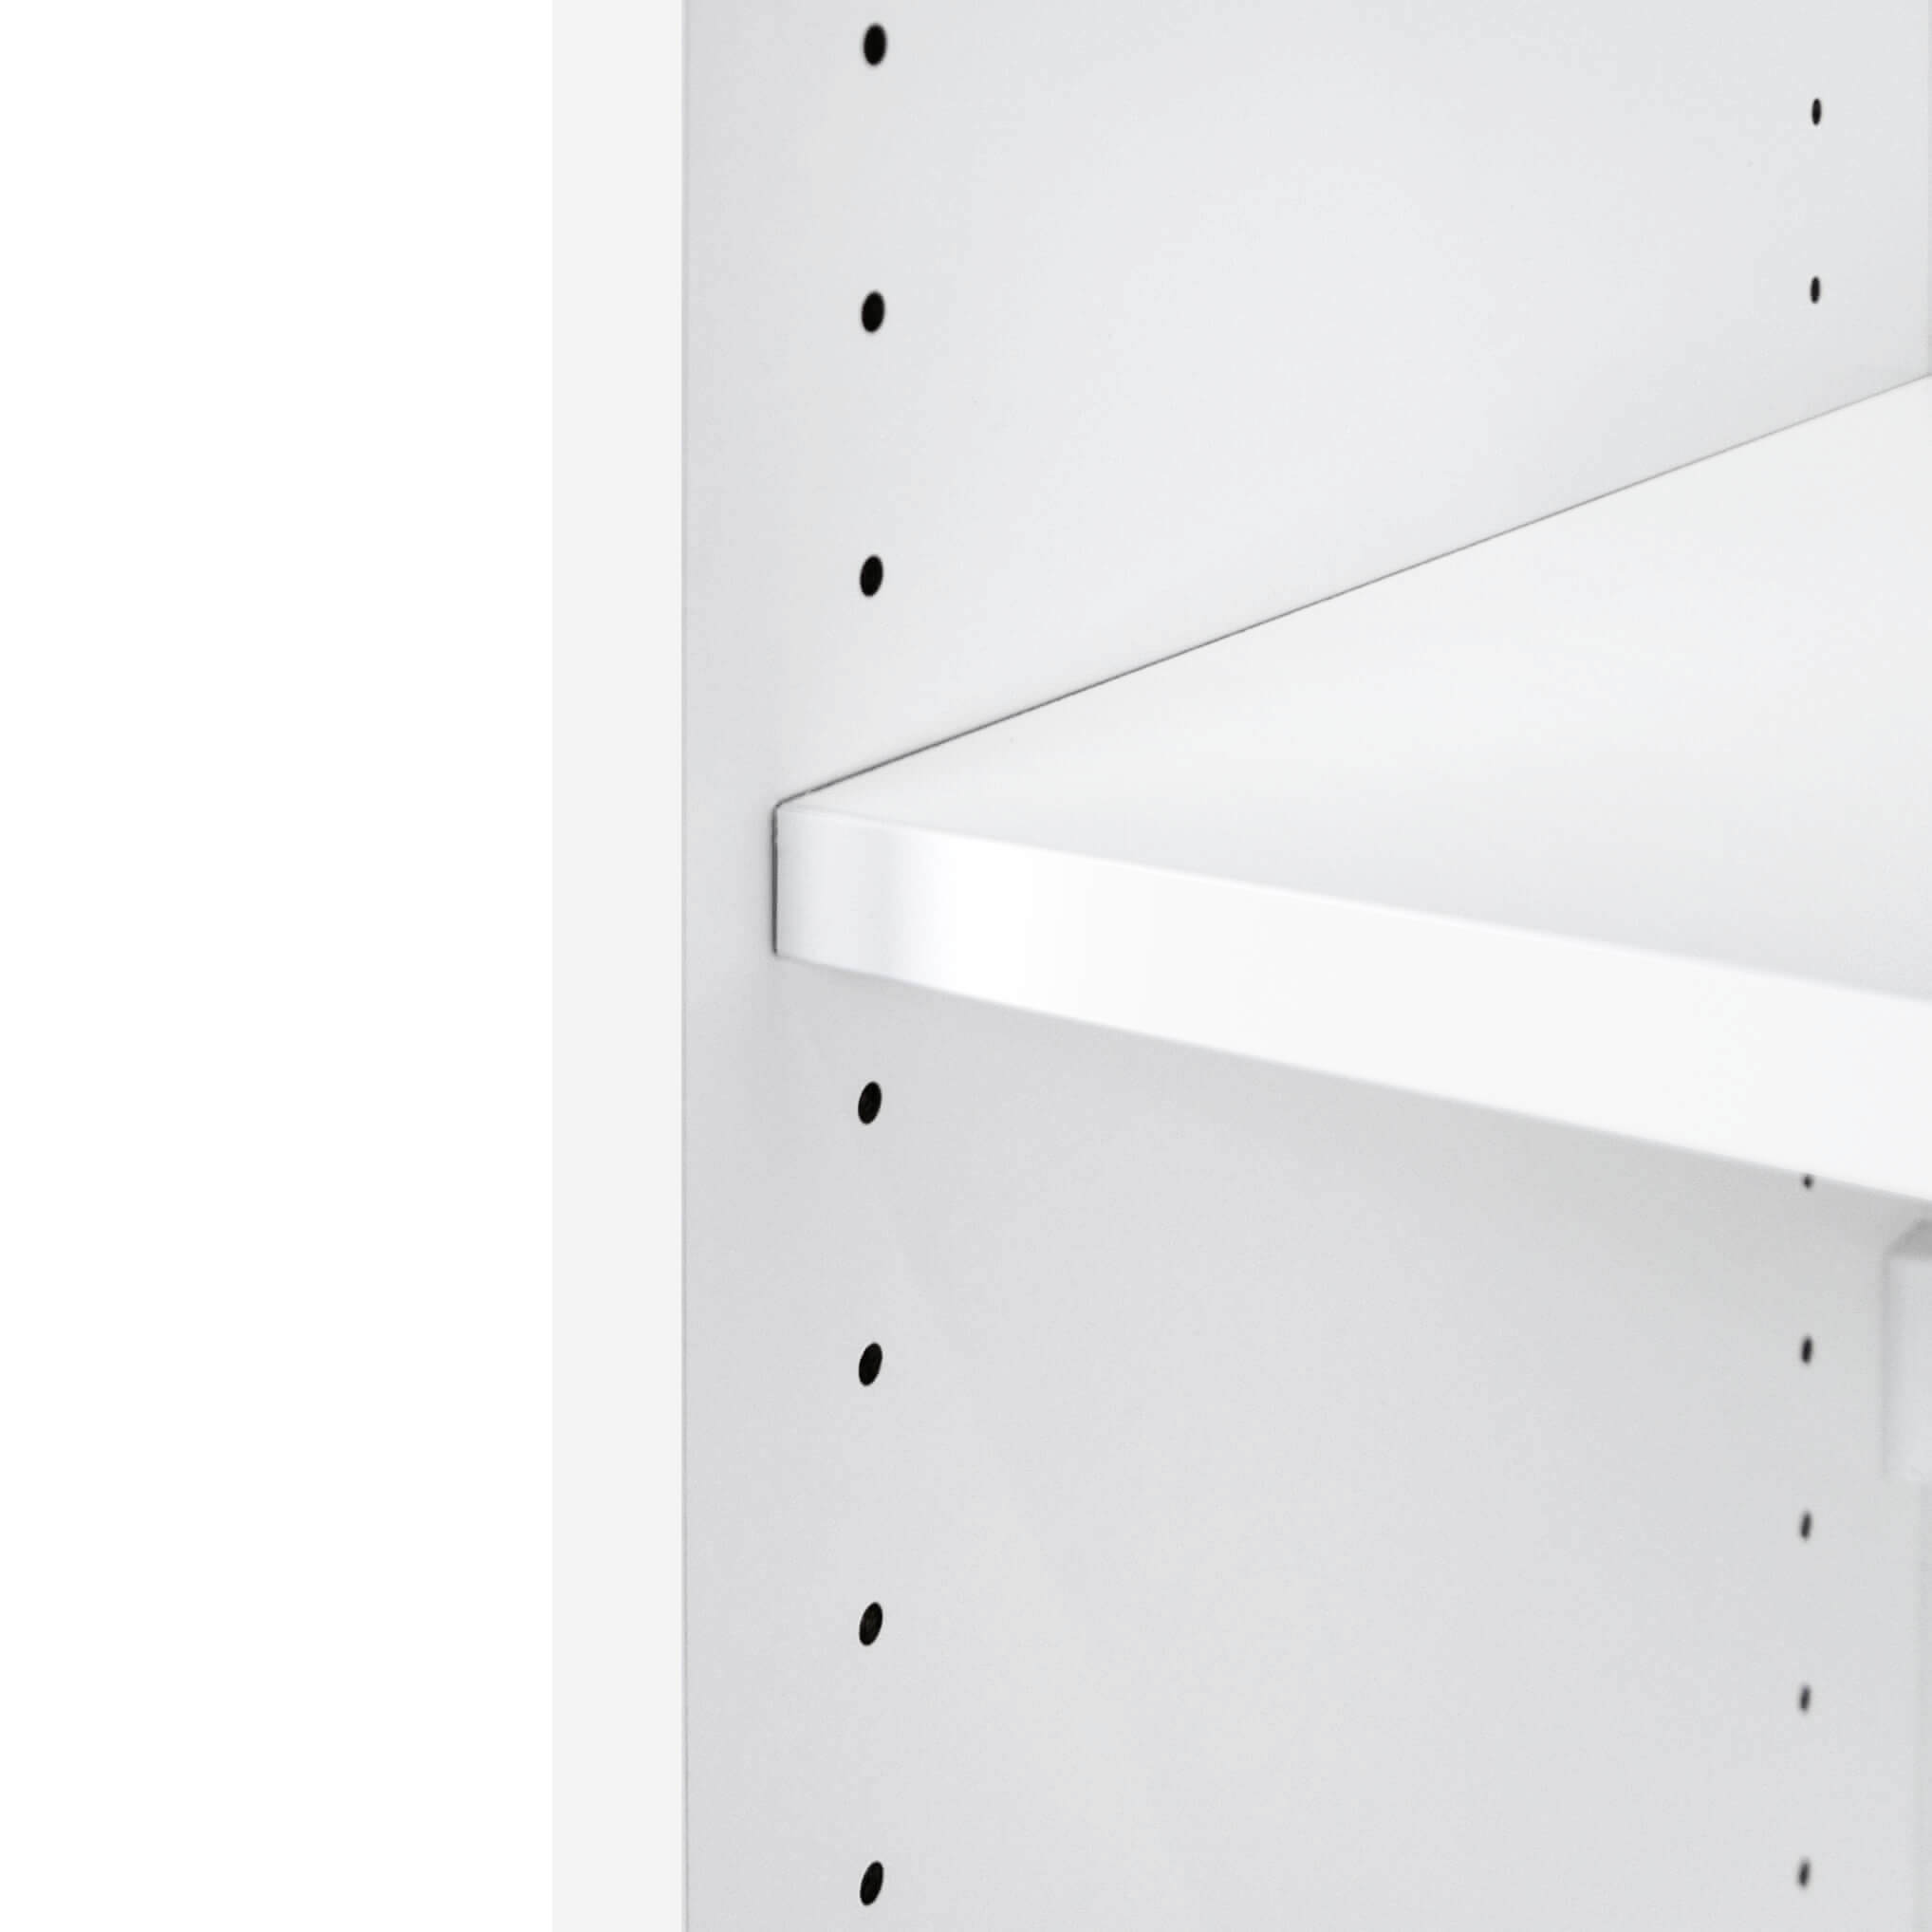 PROFI Schrankwand abschließbar Schrank Büroschrank Flügeltürenschrank Regalschrank 3 OH Weiß